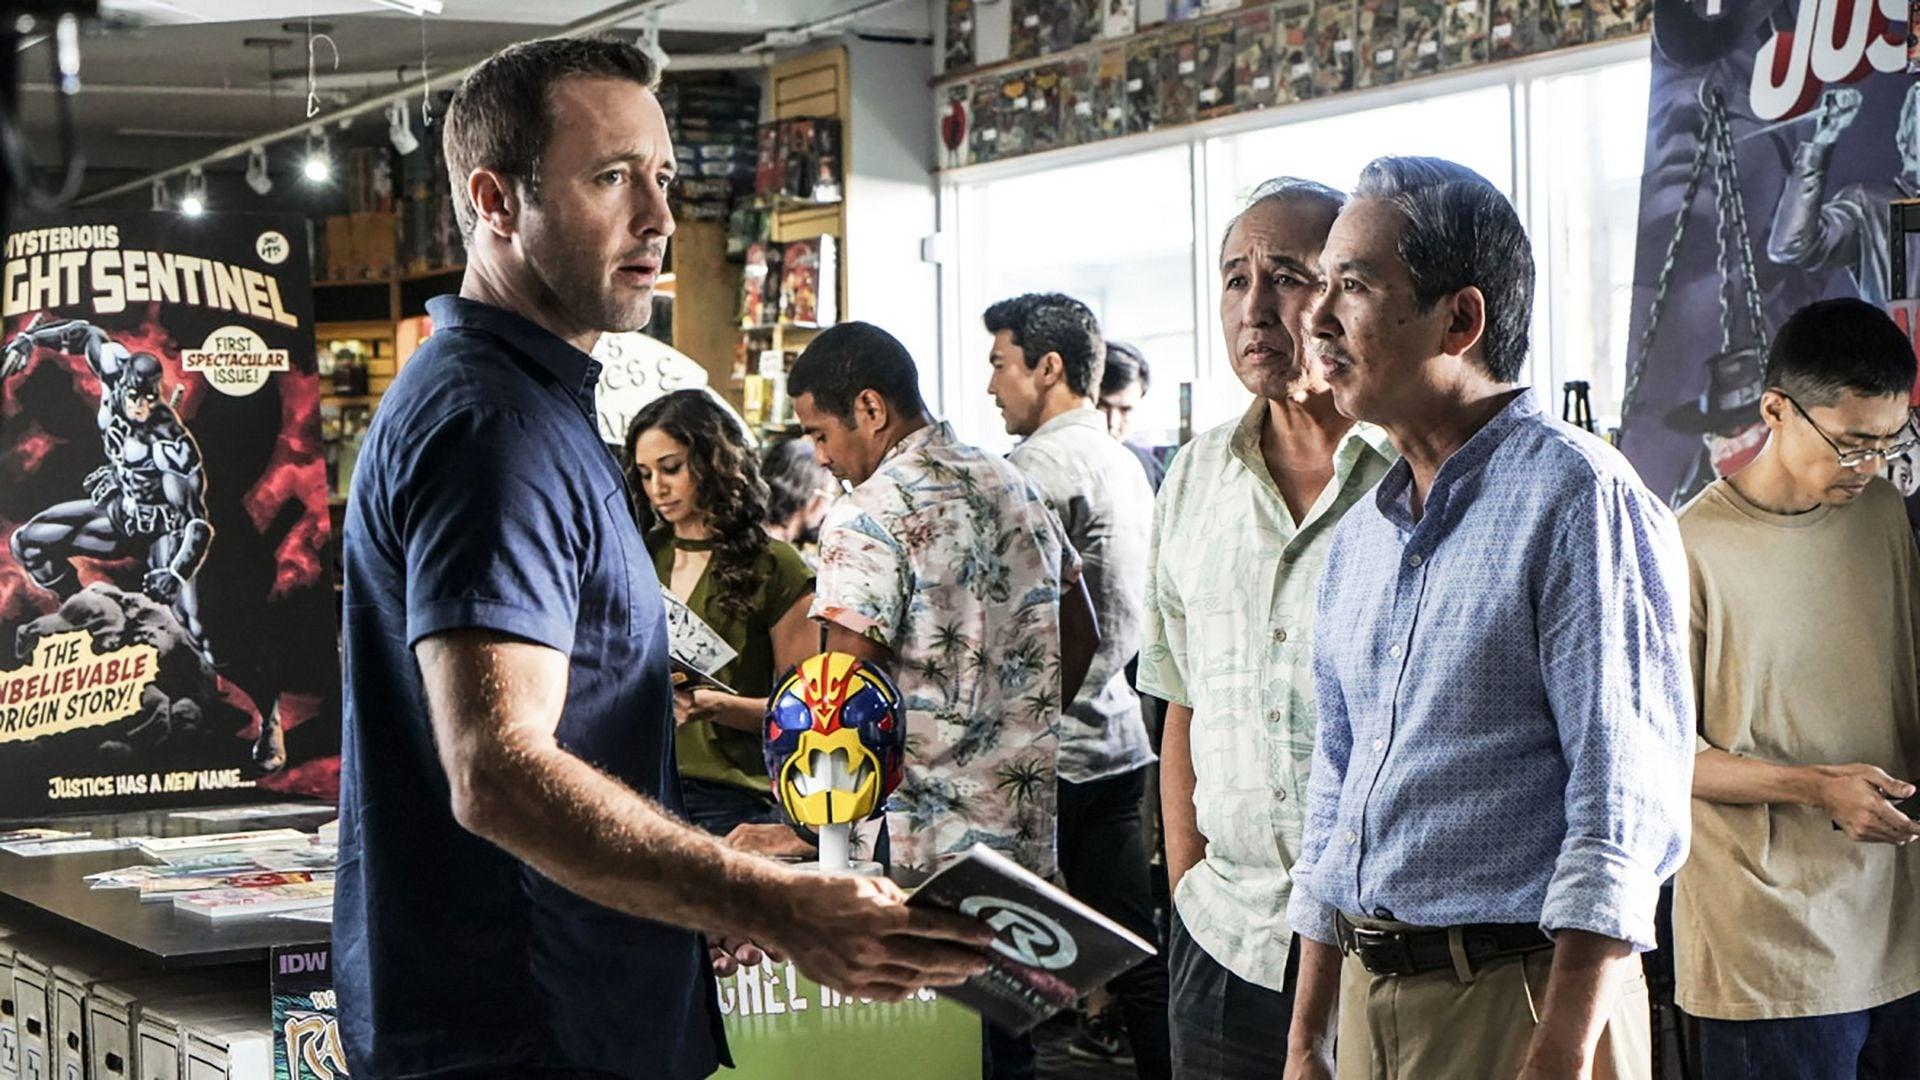 """Hawaii Five-0 - Season 9 Episode 9 : """"Mai ka po mai ka 'oia'i'o (Truth Comes From the Night)"""